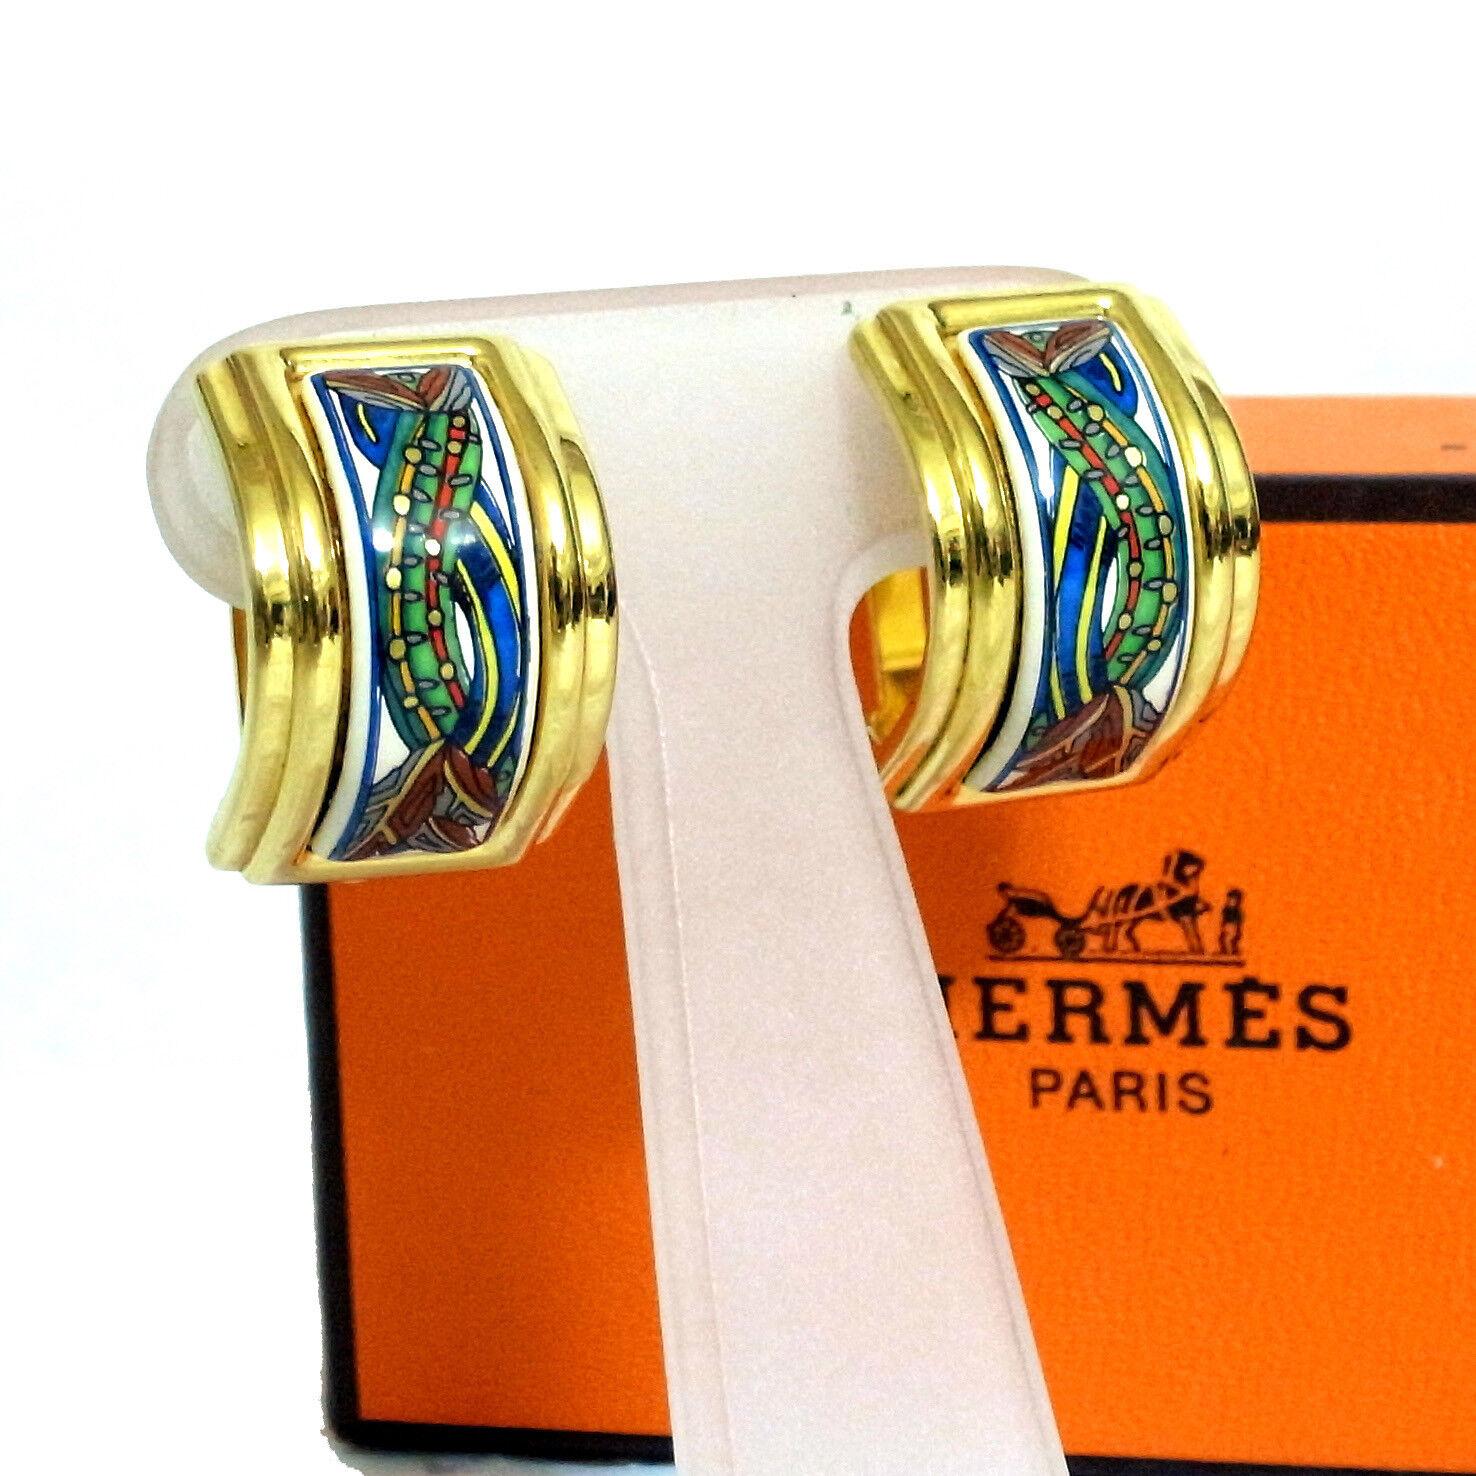 Authentic HERMES Clip-on Earrings Multicolor goldtone Enamel Metal in Box Vintag